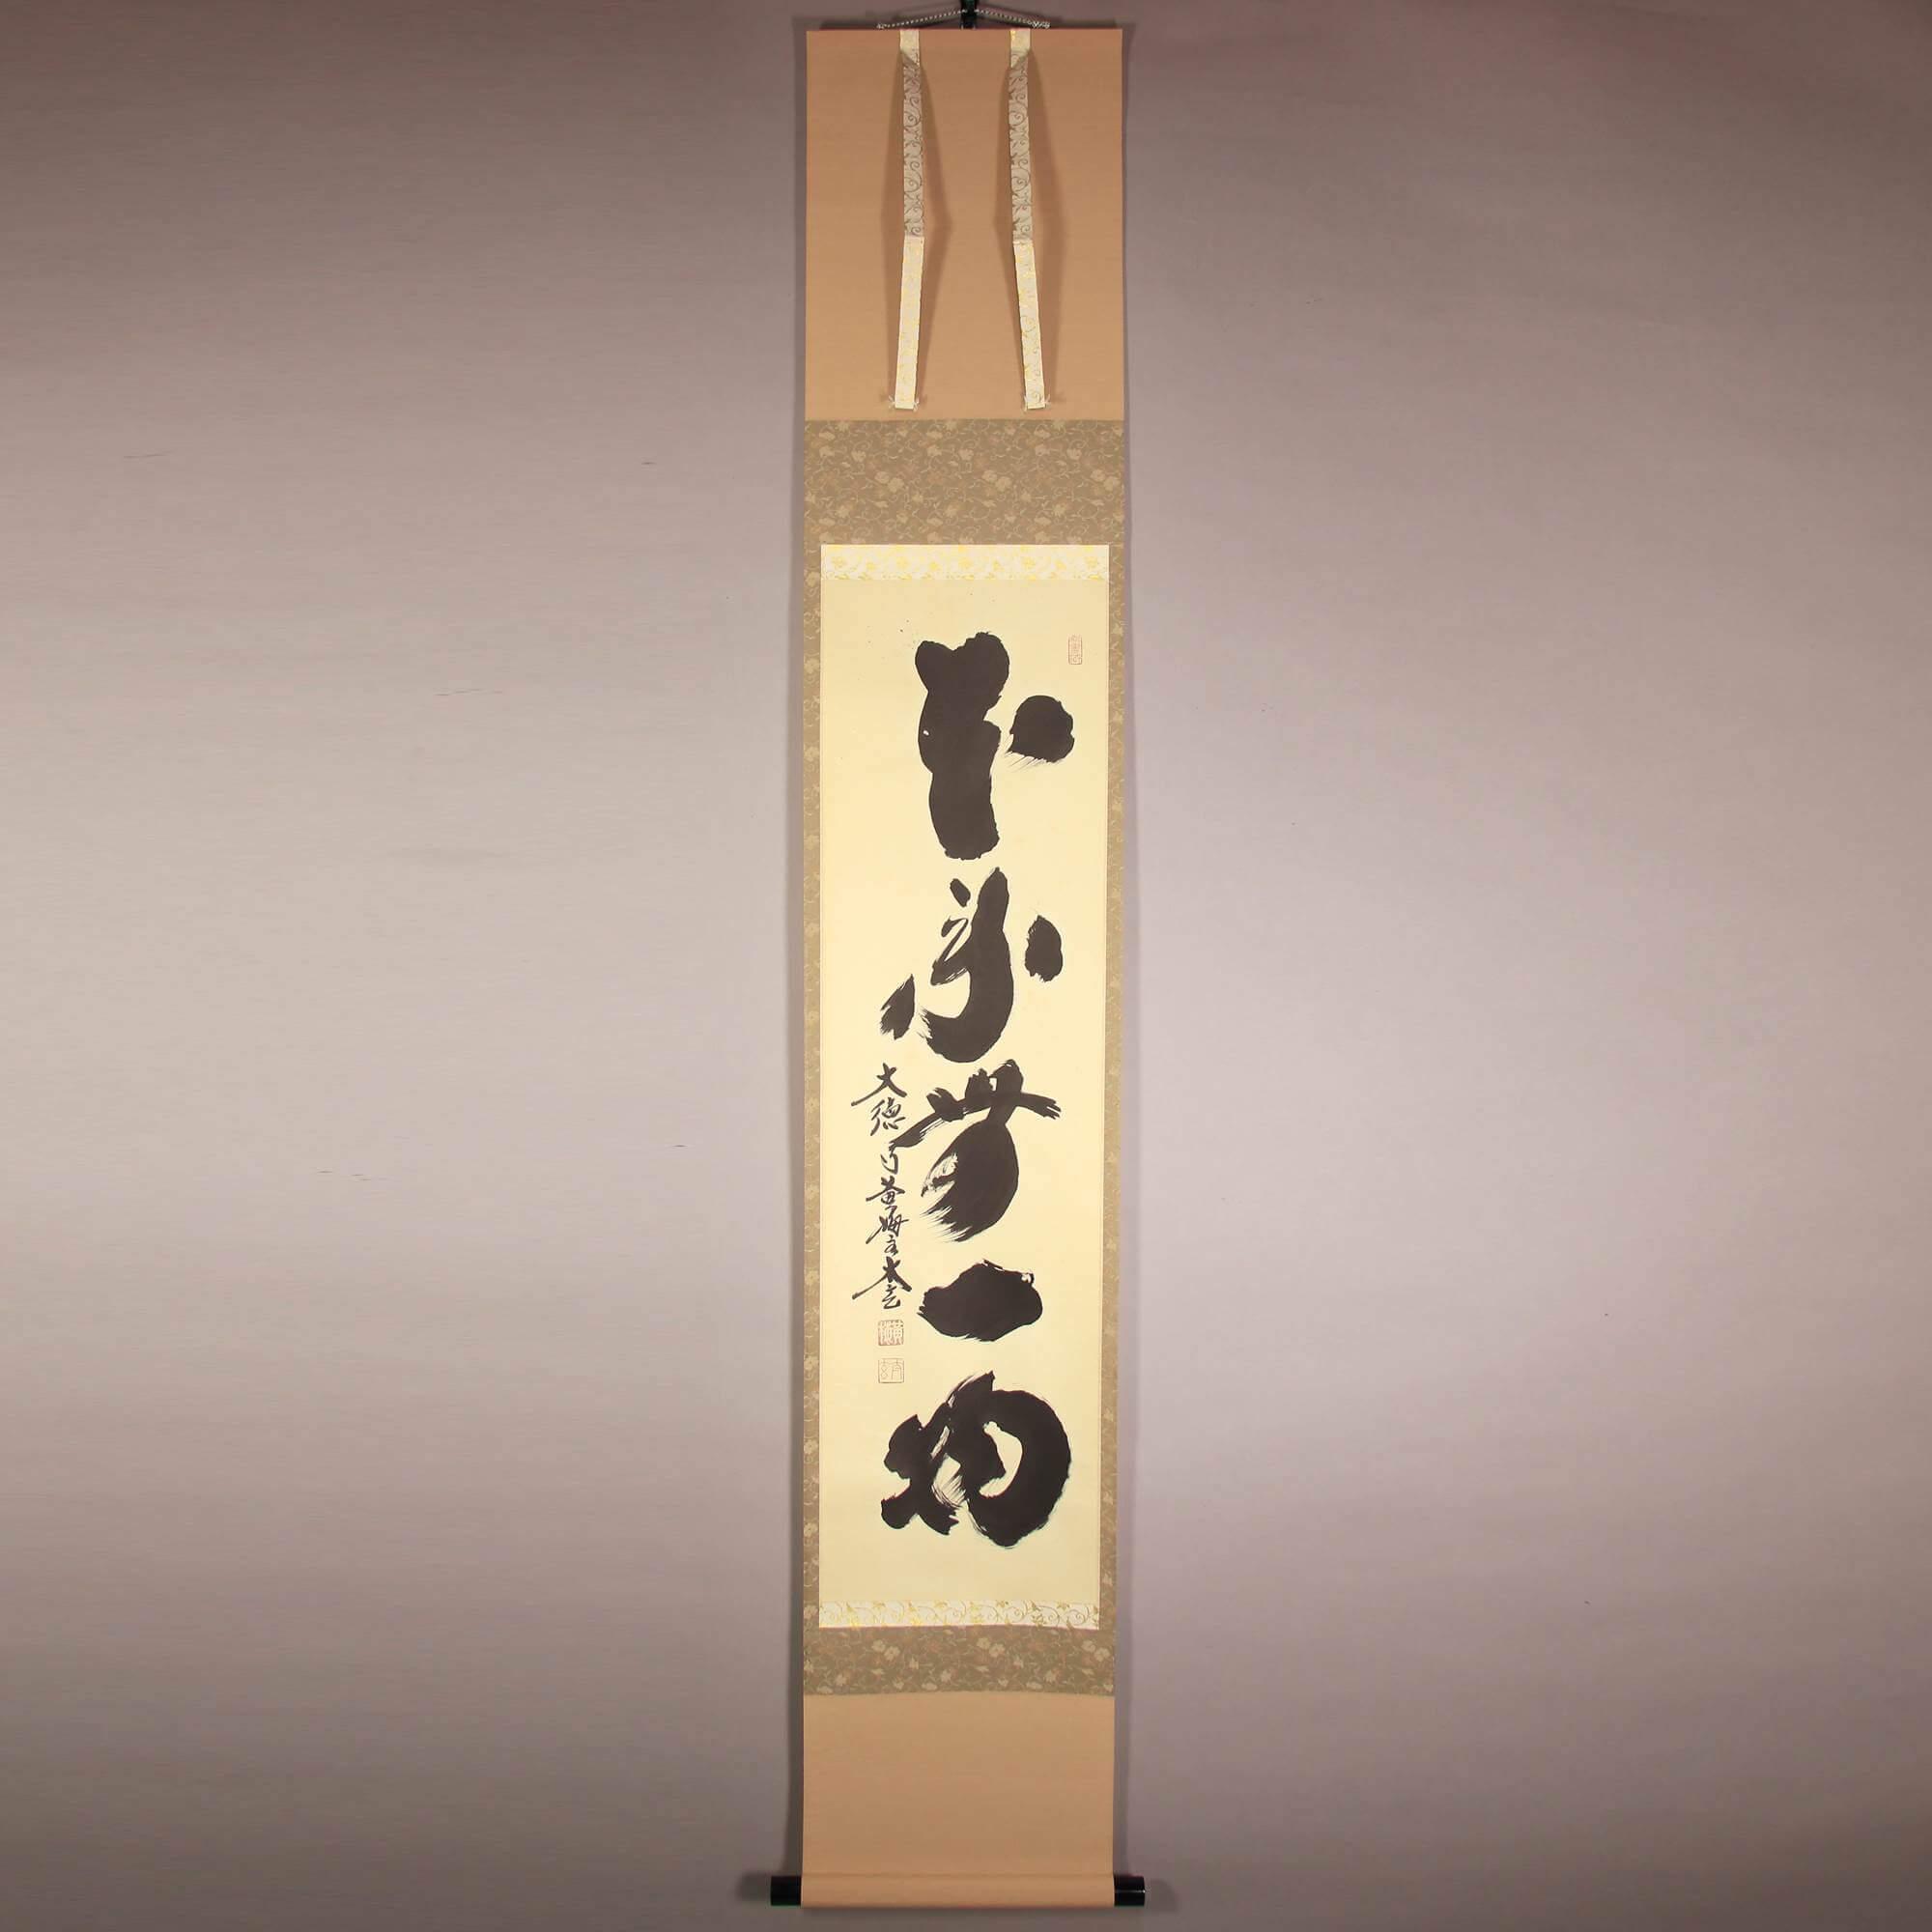 Calligraphy: Honrai Muichimotsu / Taigen Kobayashi